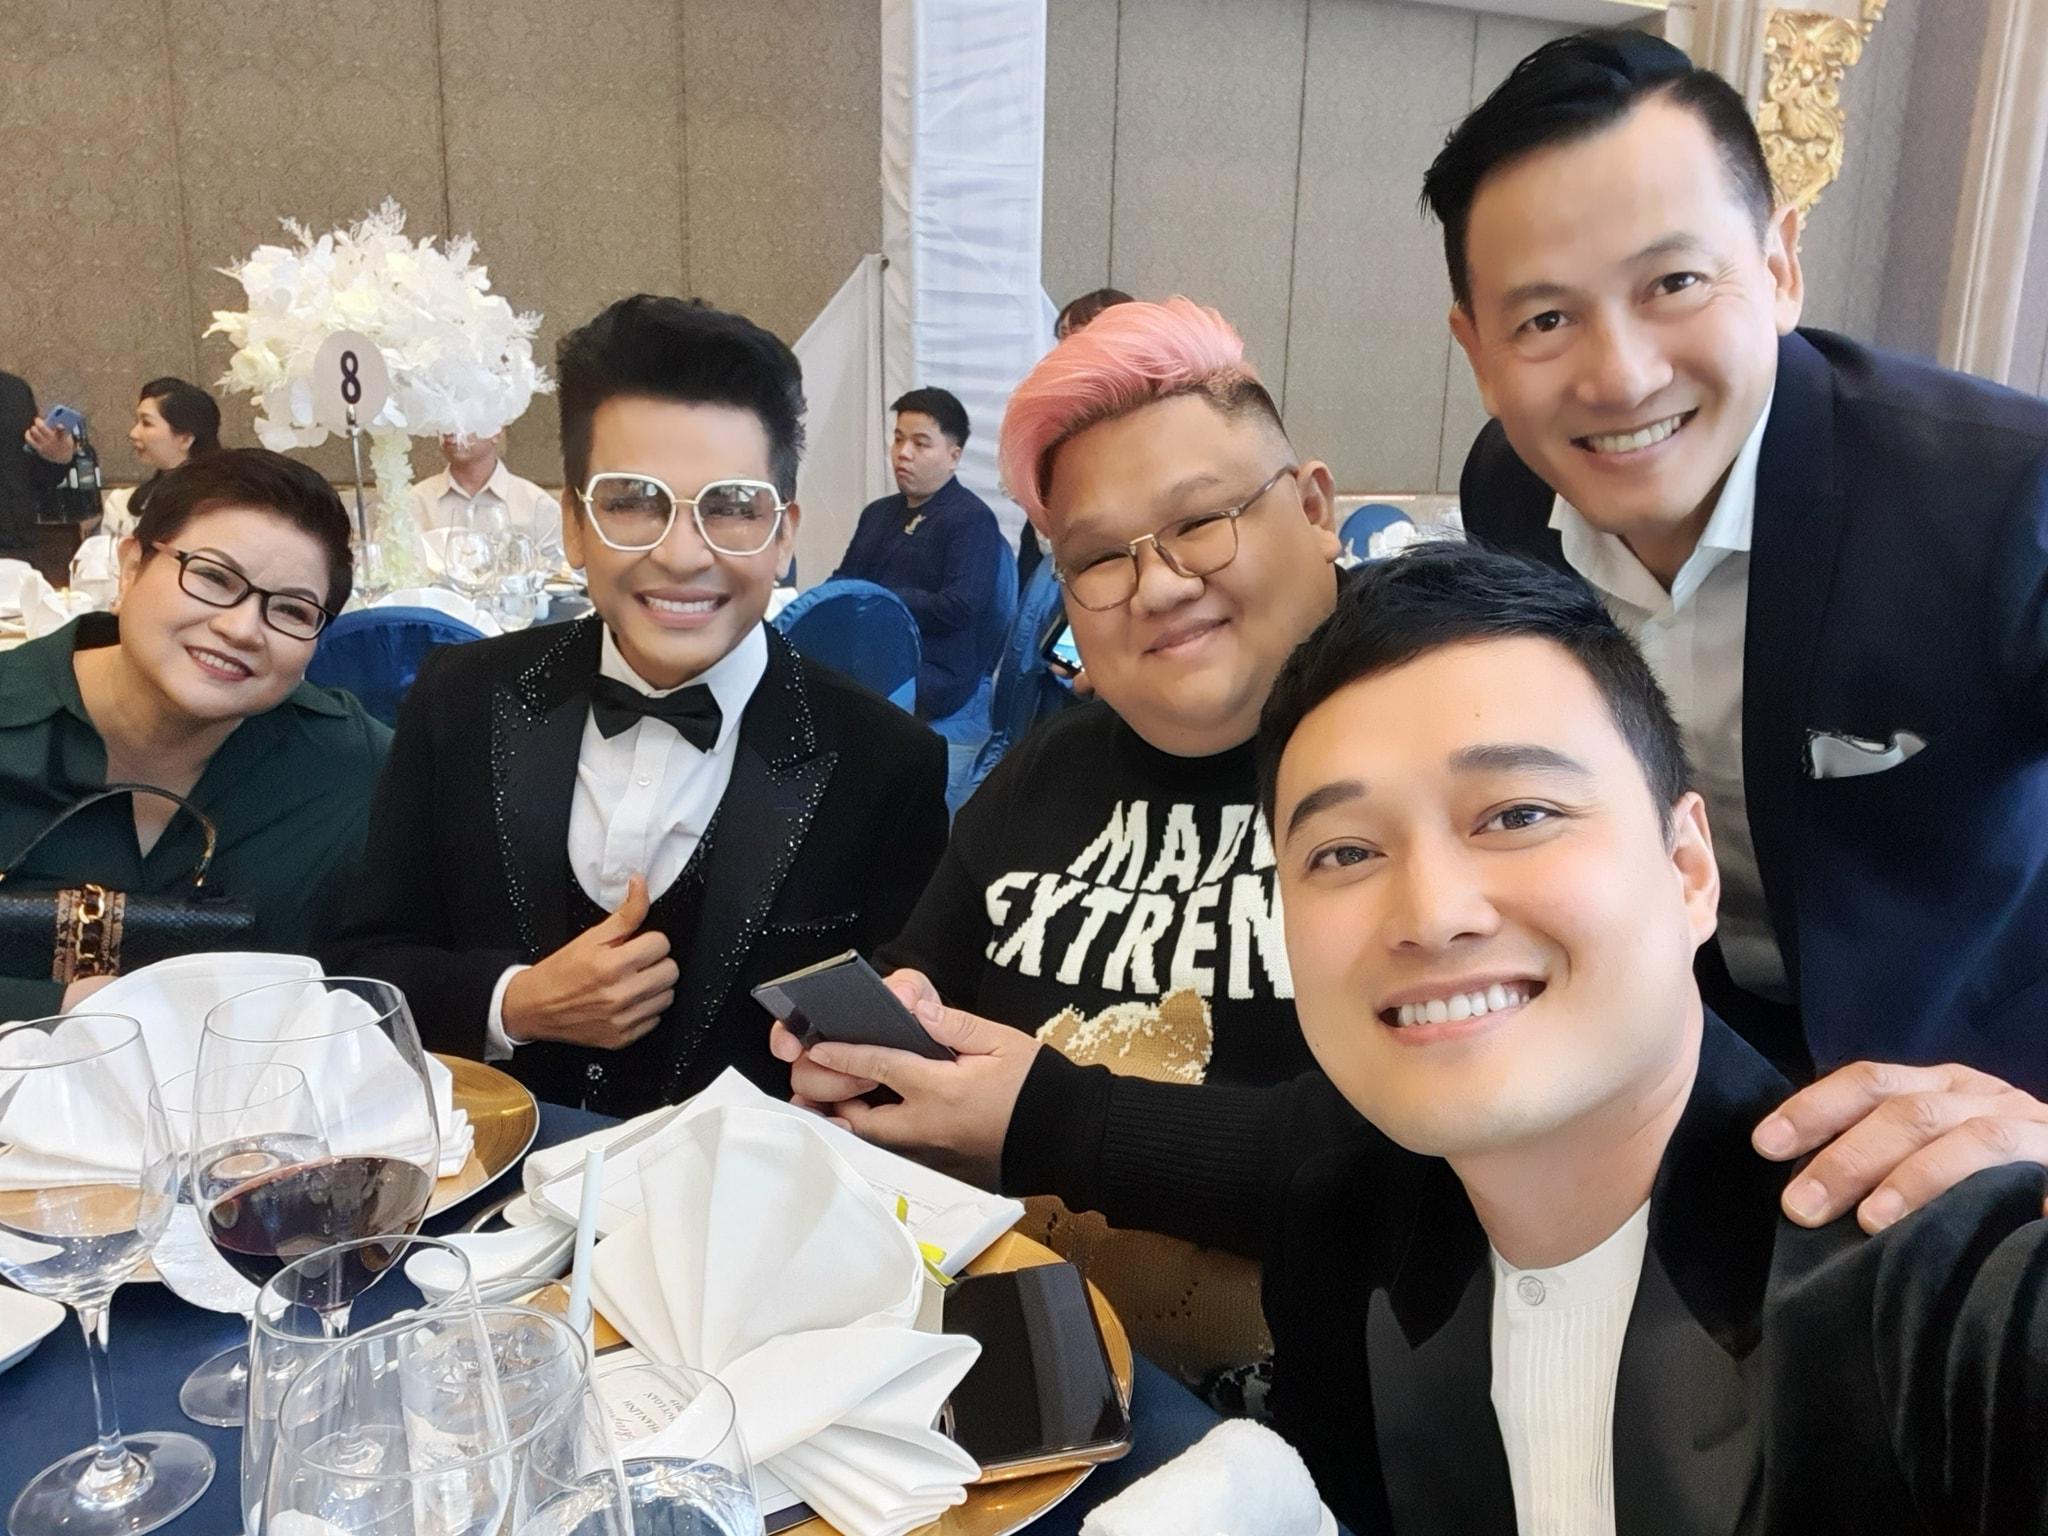 Quang Vinh, Vương Khang,... checkin tại đám cưới Bảo Thy, chứng kiến cô dâu hôn chú rể ngọt ngào